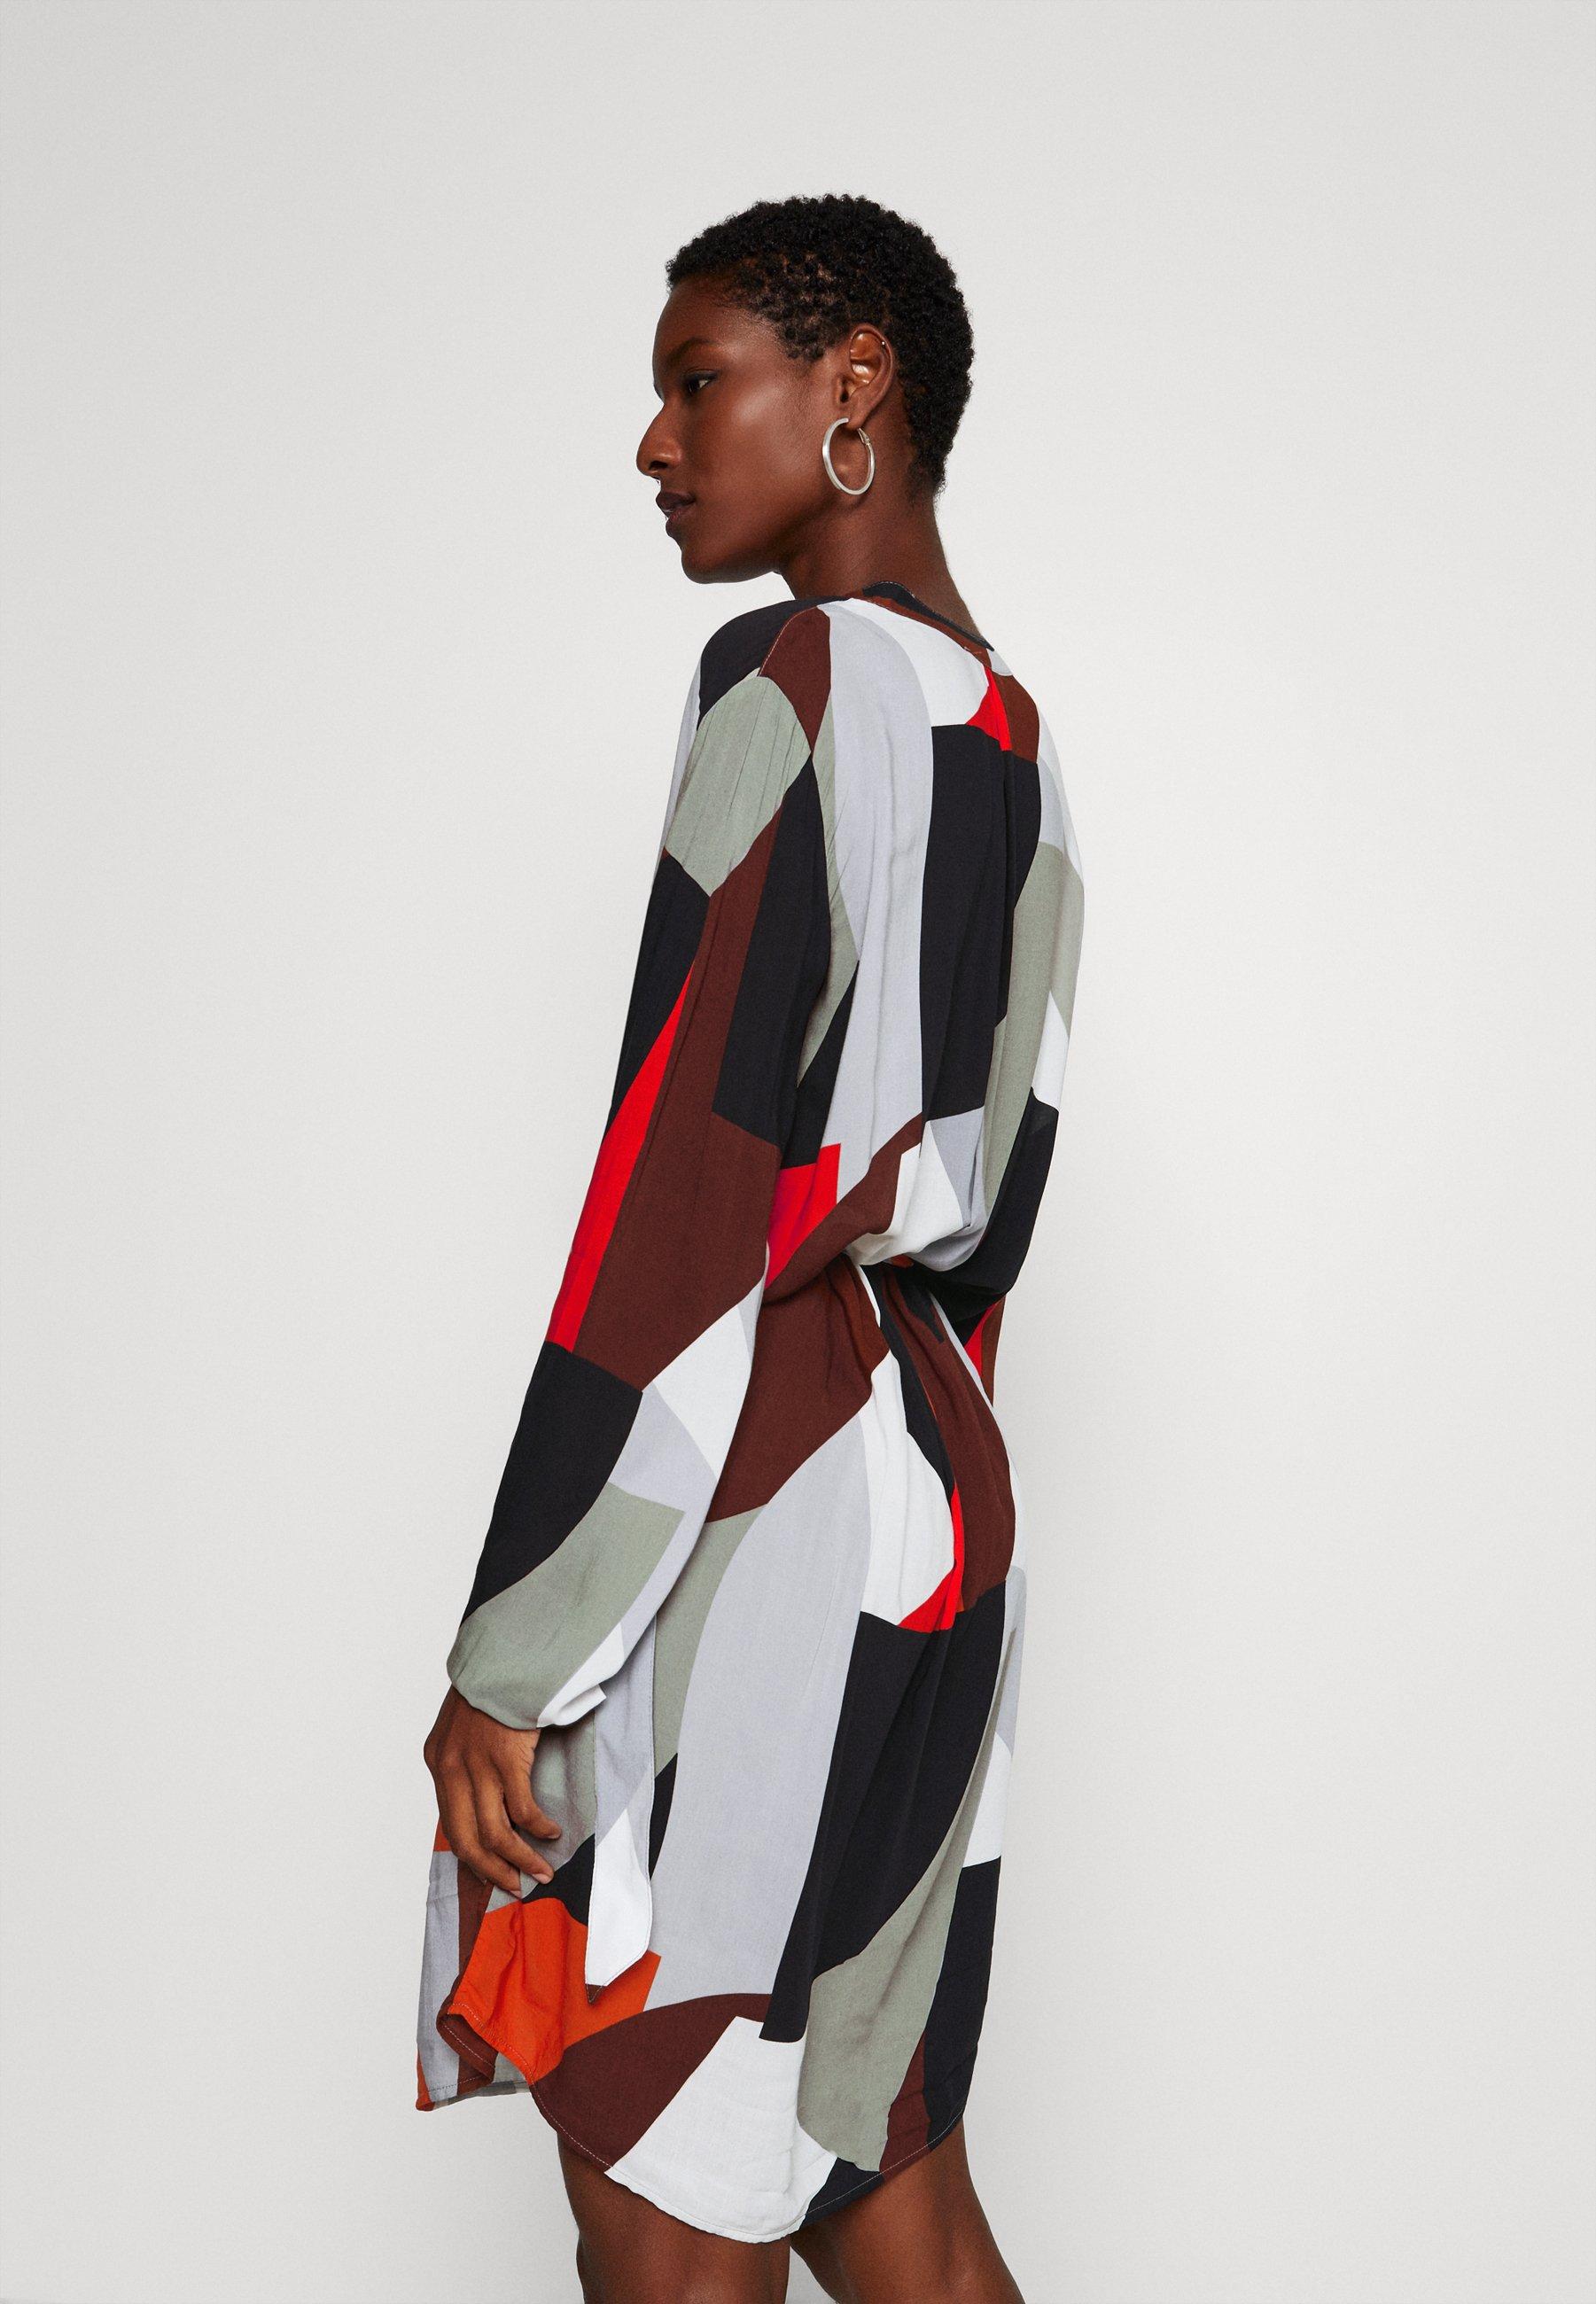 100% Original Cheapest Women's Clothing Cartoon UNGEFÜTTERT KURZ Shirt dress black/grey f9LtWMYE1 0rnH3cHpD